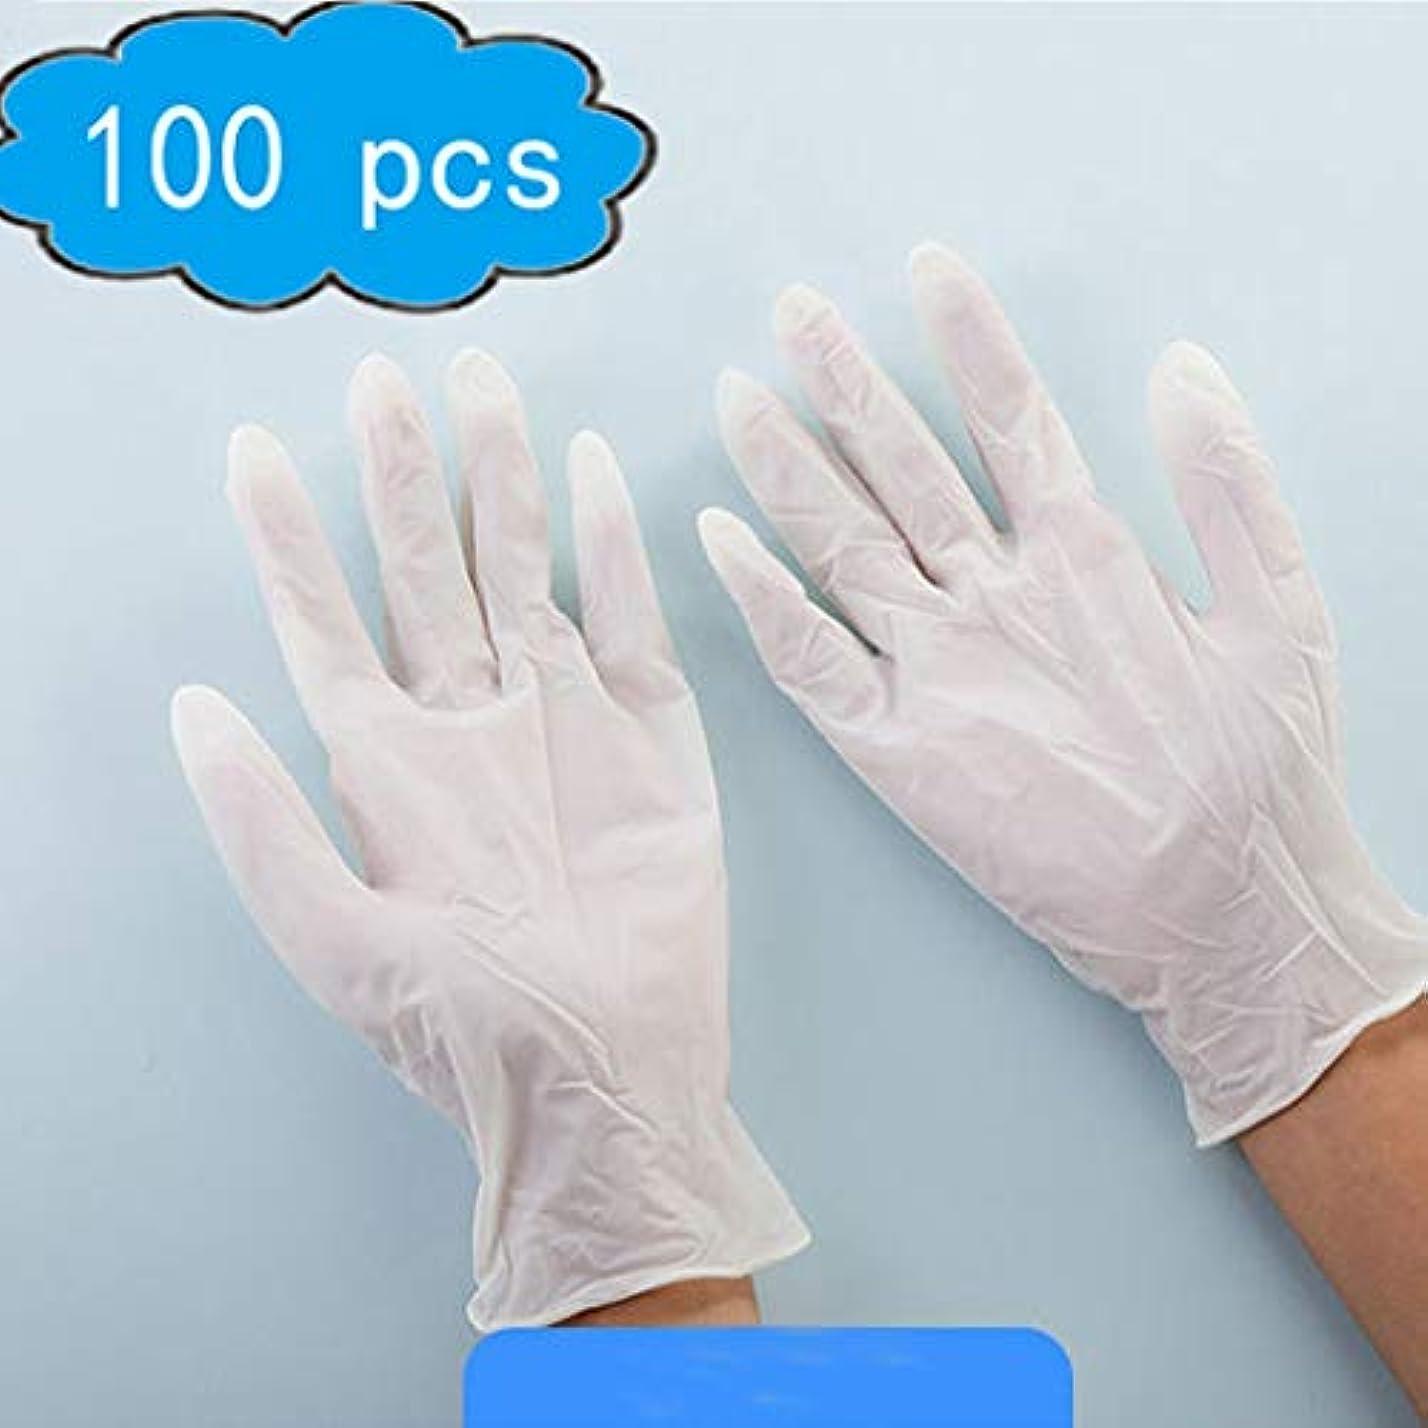 虫だますなめらかな使い捨て手袋、厚手版、白い粉のない使い捨てニトリル手袋[100パック] - 大、サニタリー手袋、応急処置用品 (Color : White, Size : S)